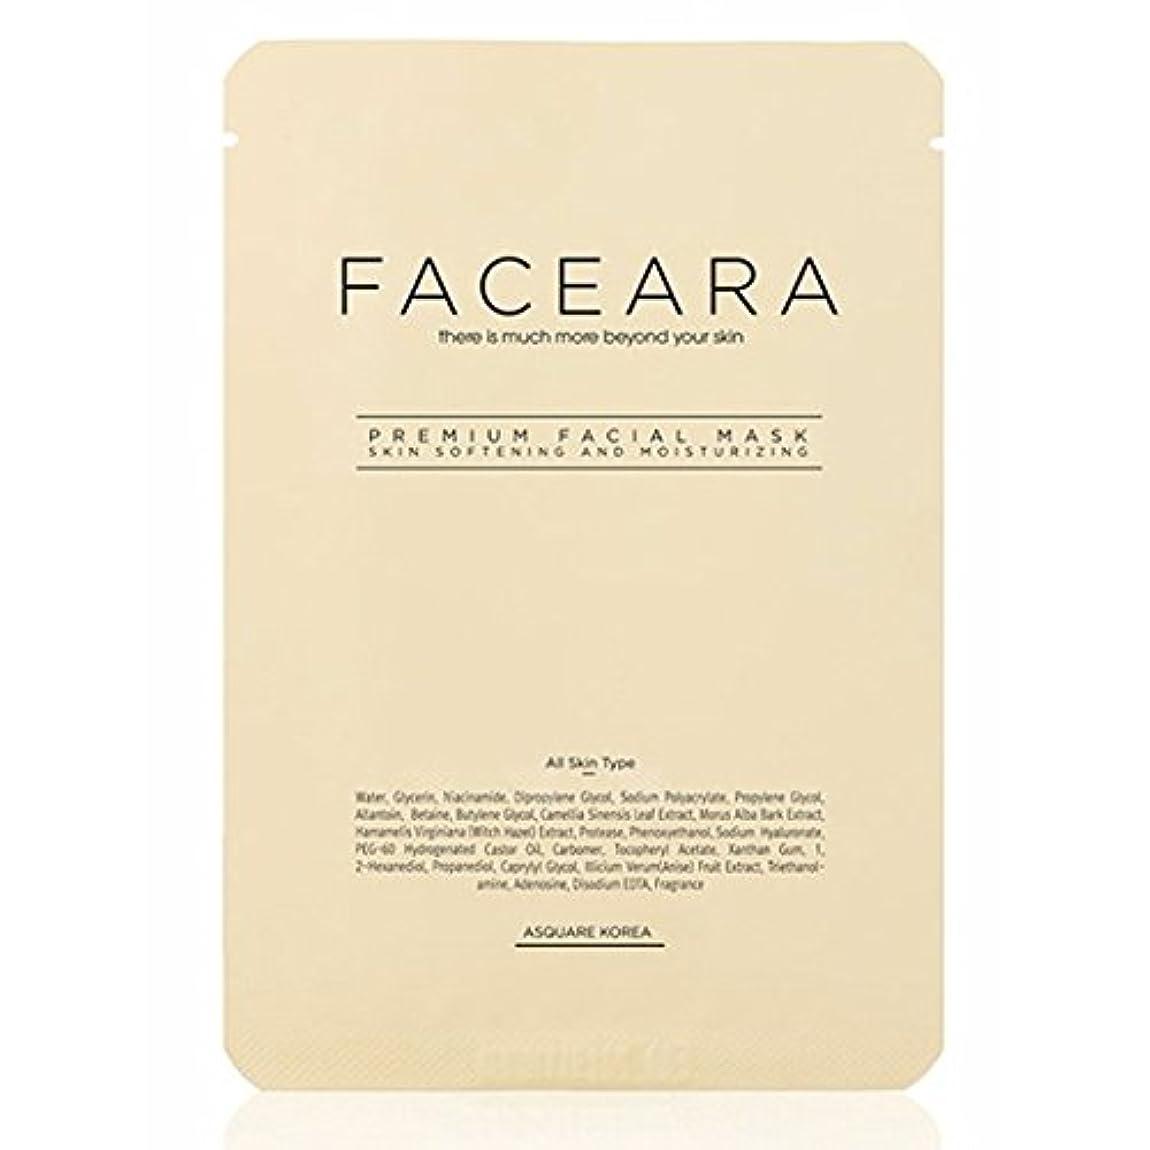 ビジュアルトランジスタ改修する[並行輸入品] FACEARA スクラブ&スーパーモイスチャライザー用プレミアムフェイシャルマスクシート25g 10本セット / FACEARA Premium Facial Mask Sheet for Scrub &...